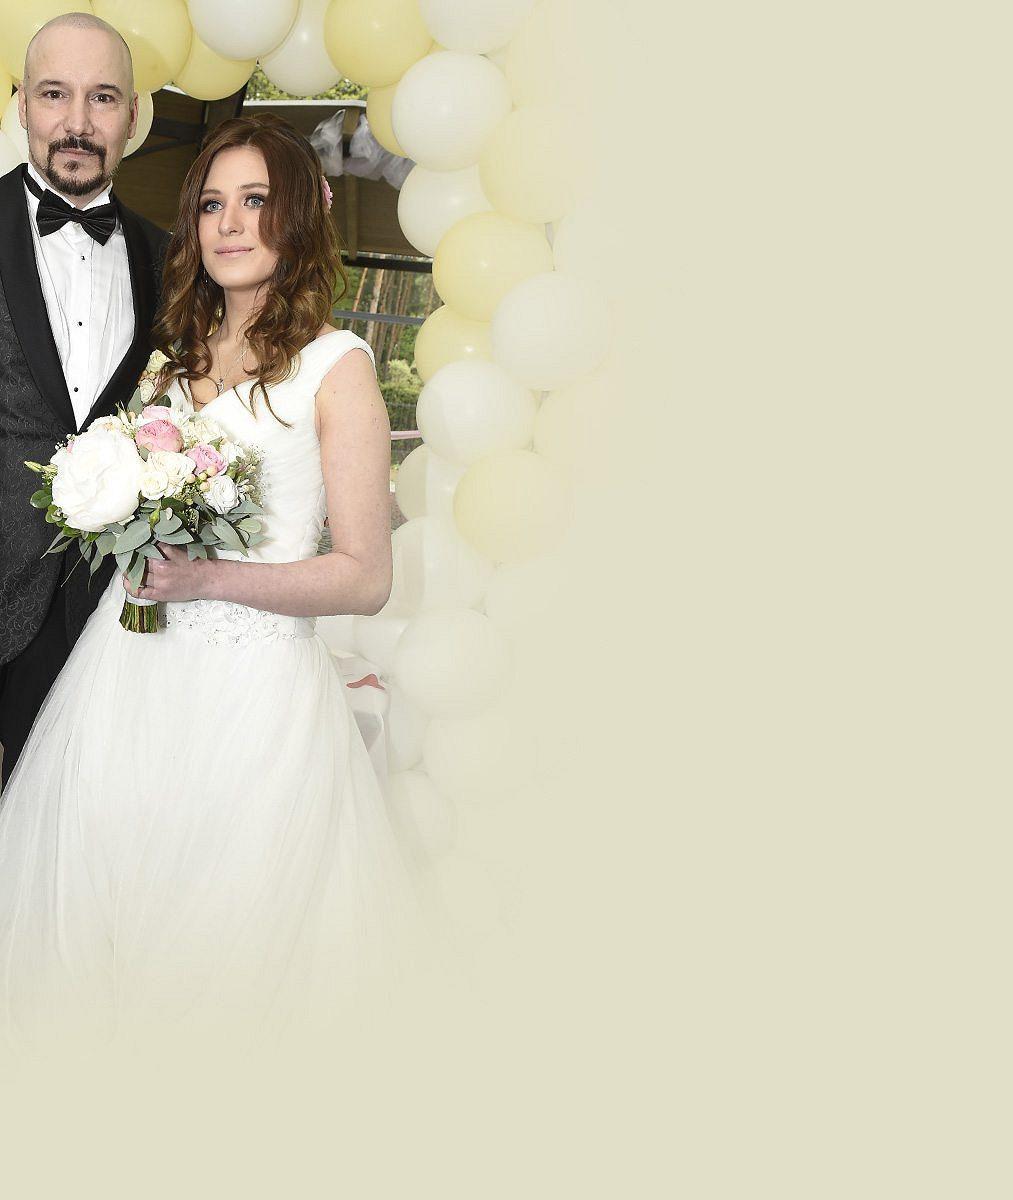 První rozhovor manželů Matušových: Tohle nám Bohuš a Lucie svěřili jen pár okamžiků po svatbě